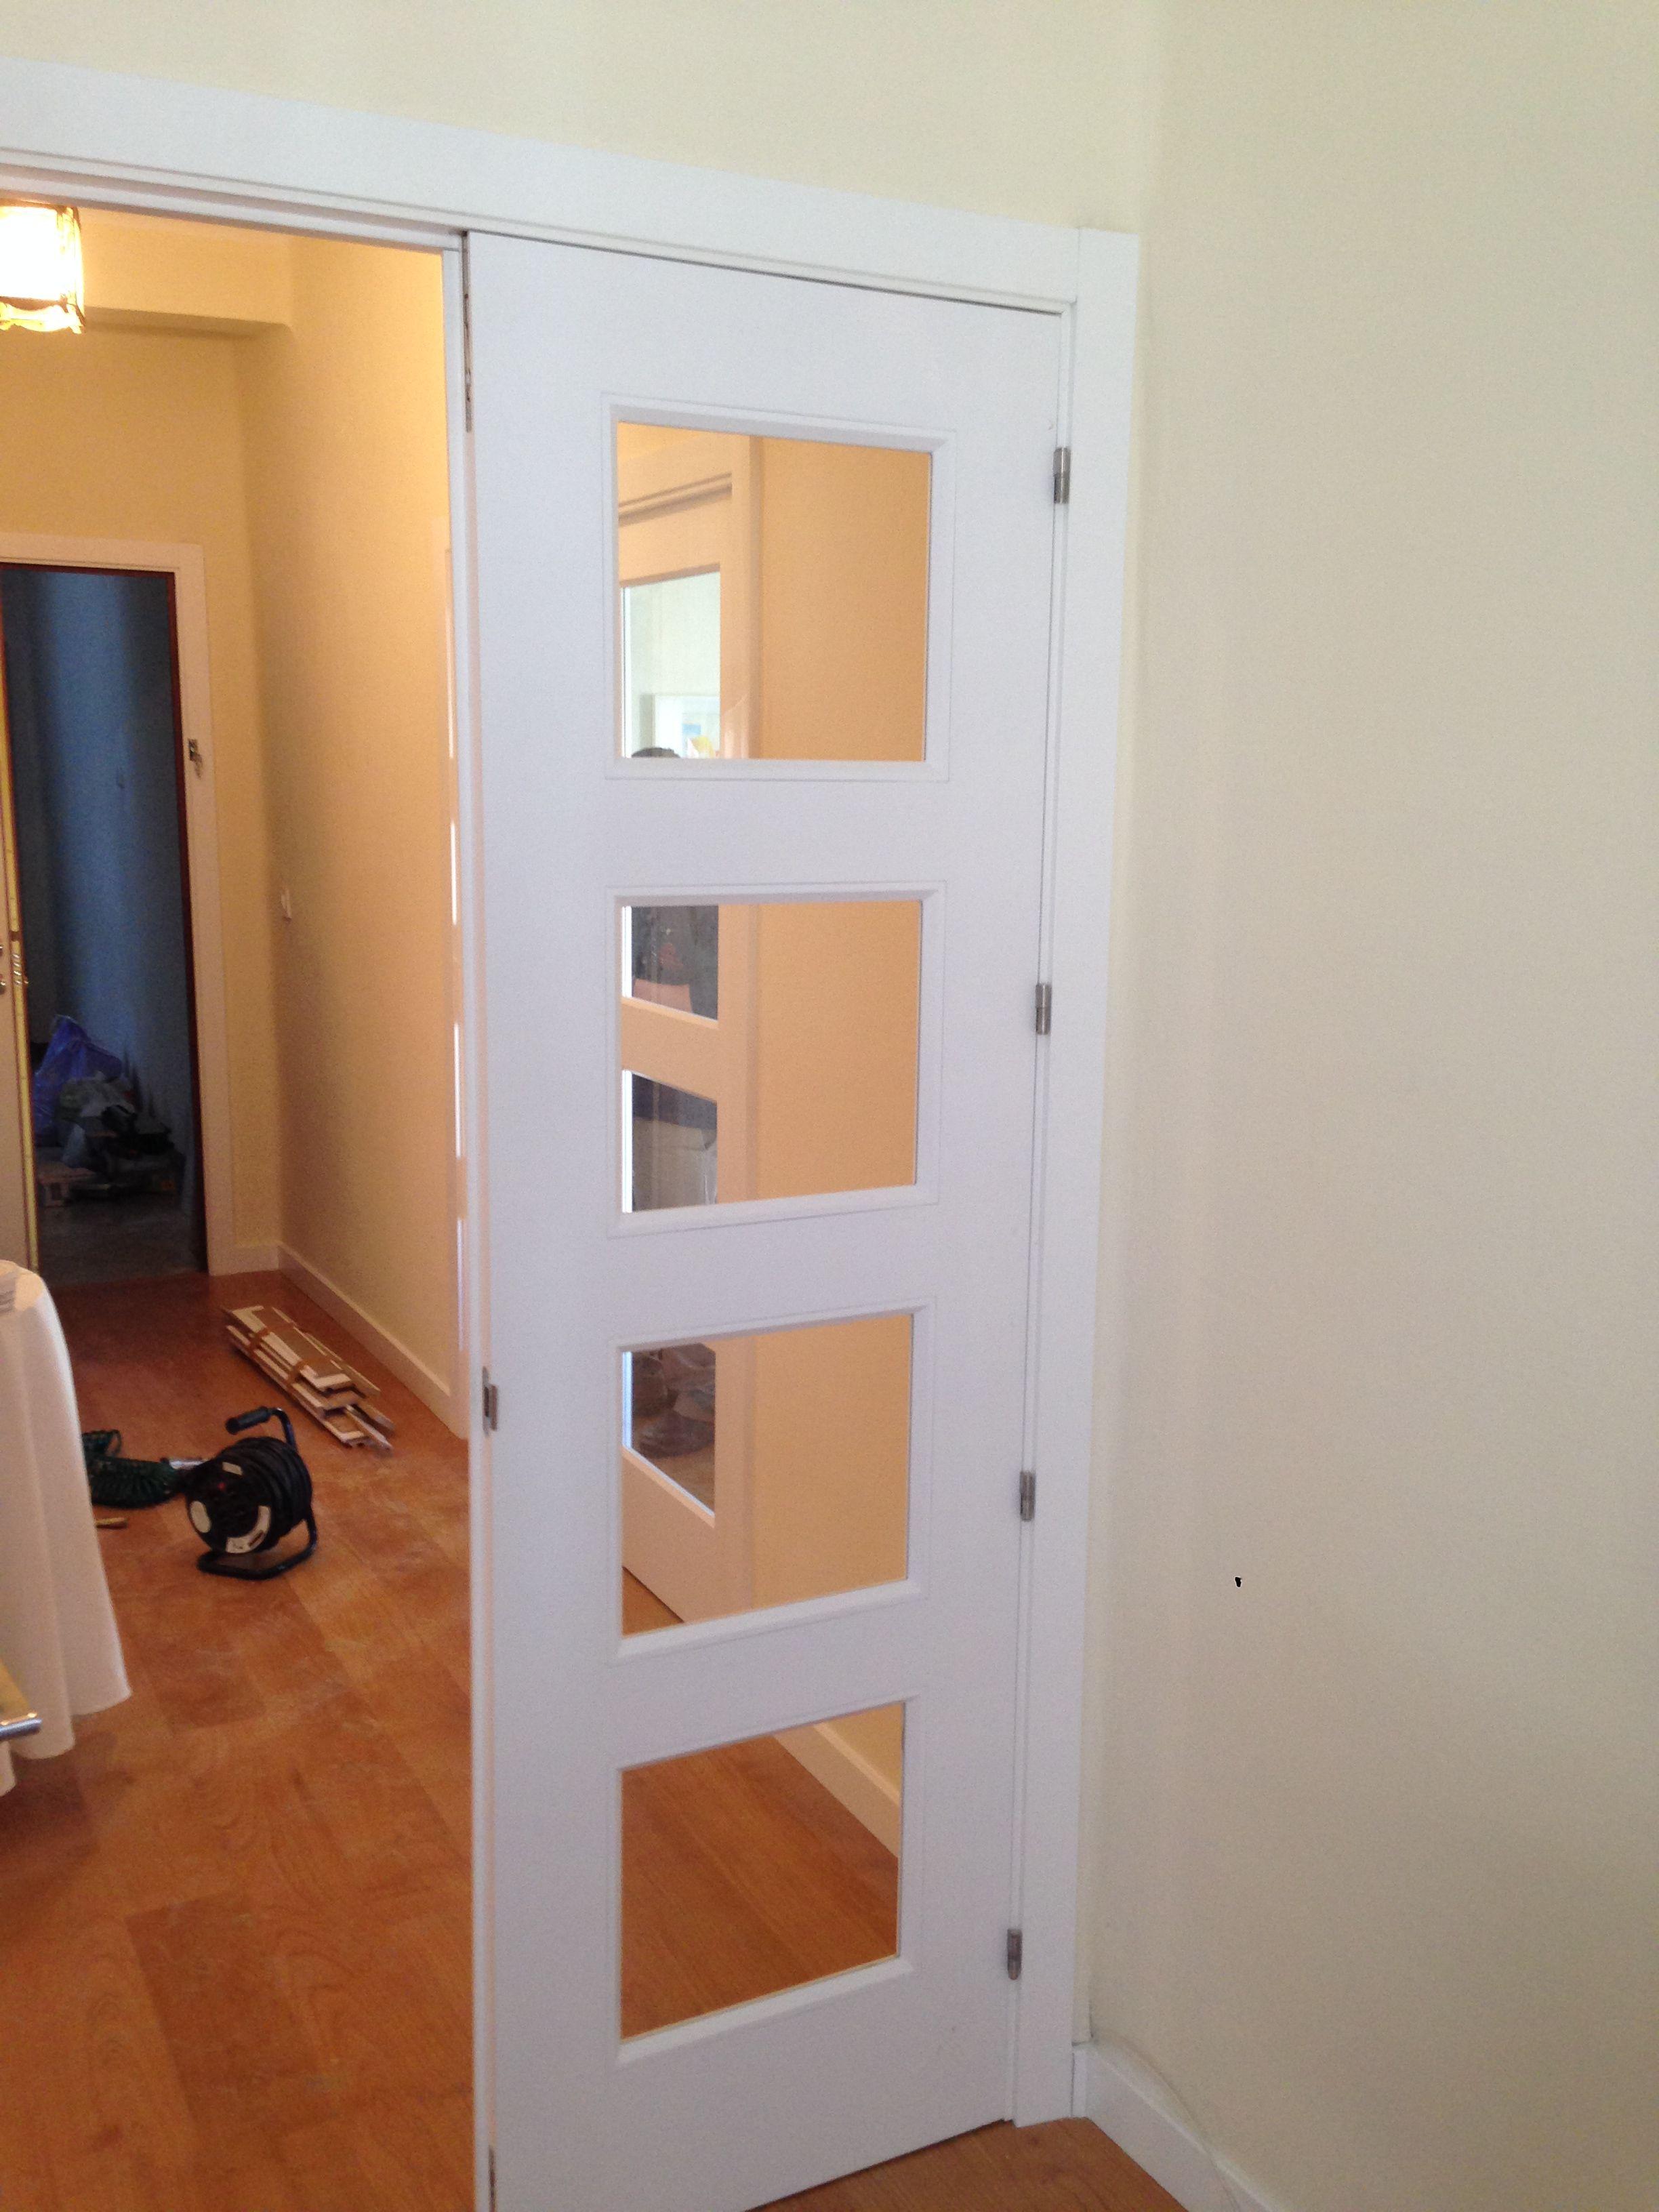 Modelo bosco v4 lacado blanco con cristal transparente en for Precio puertas macizas lacadas en blanco